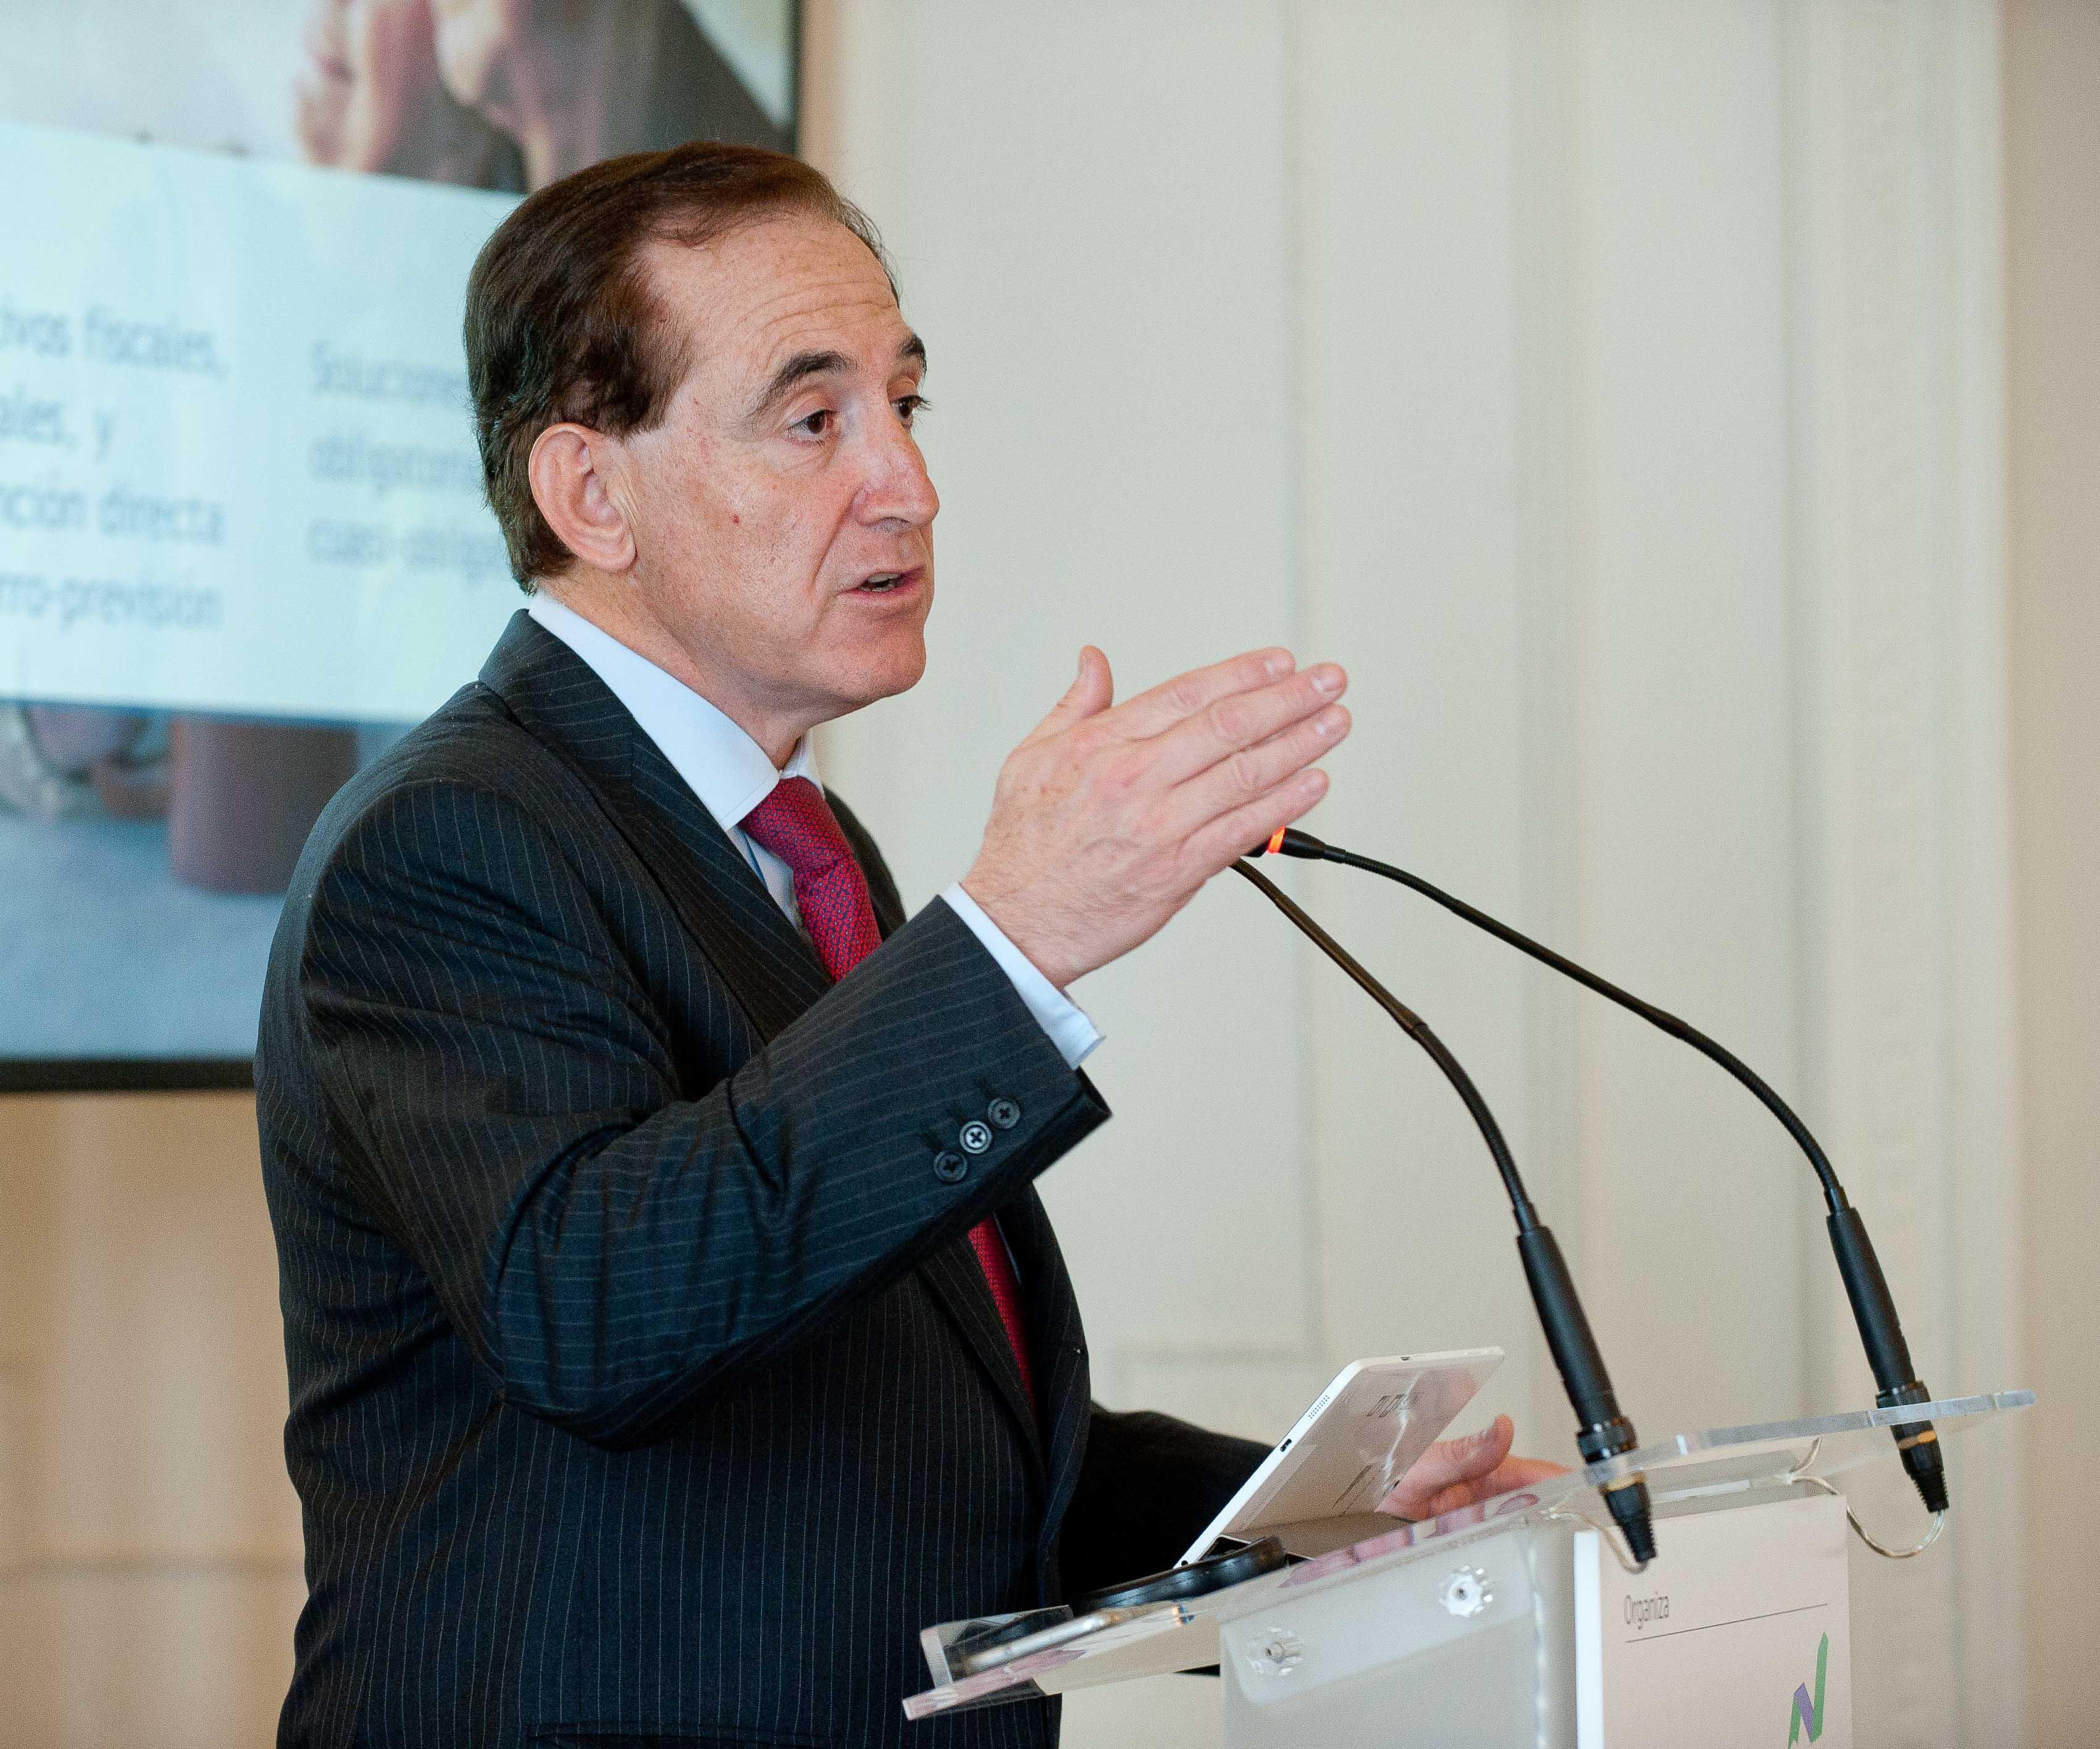 Antonio Huertas, presidente de MAPFRE, durante su intervención en el curso de verano organizado por la APIE en la Universidad Menéndez Pelayo de Santander.